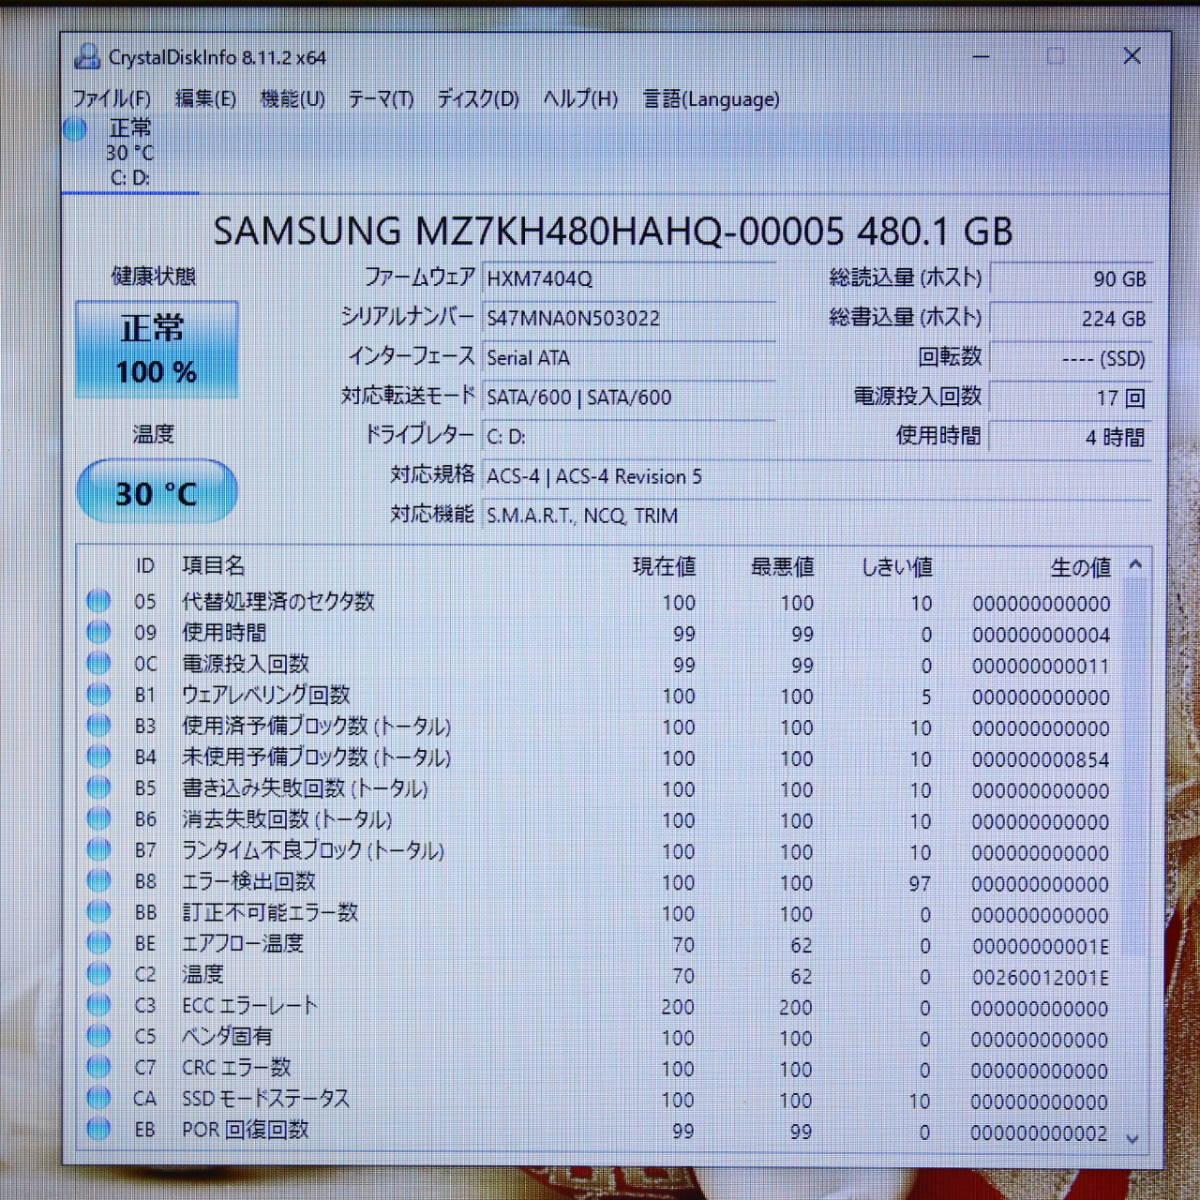 ★美品★新品SSD480GB!最上級i7!4コア8スレ!メモリ8GB!Blu-ray!Webカメラ 無線 AH53/K 最新Win10 リカバリ Office2019★P31201_★新品SSD搭載!★